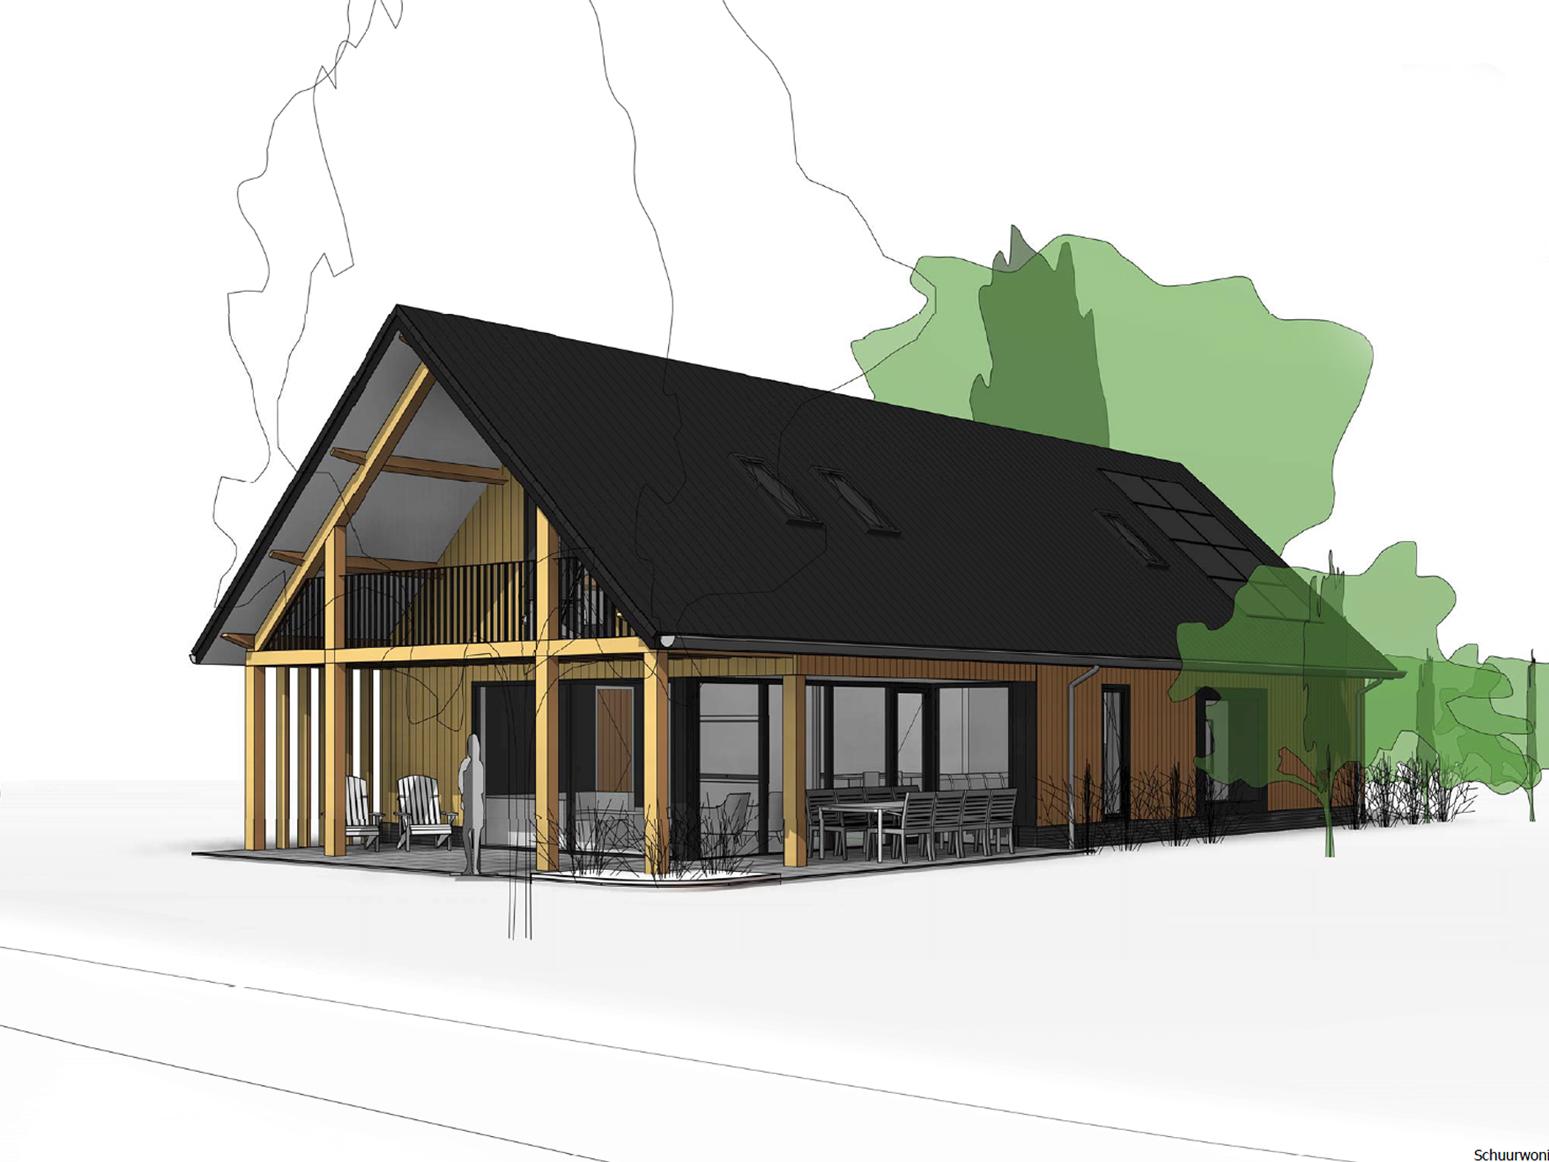 houten-schuurwoning--shuytgraaf-noorder-eiland-arnhem--van-oord-architectuur-wenum-wiesel-apeldoorn-architect-arnhem-architect